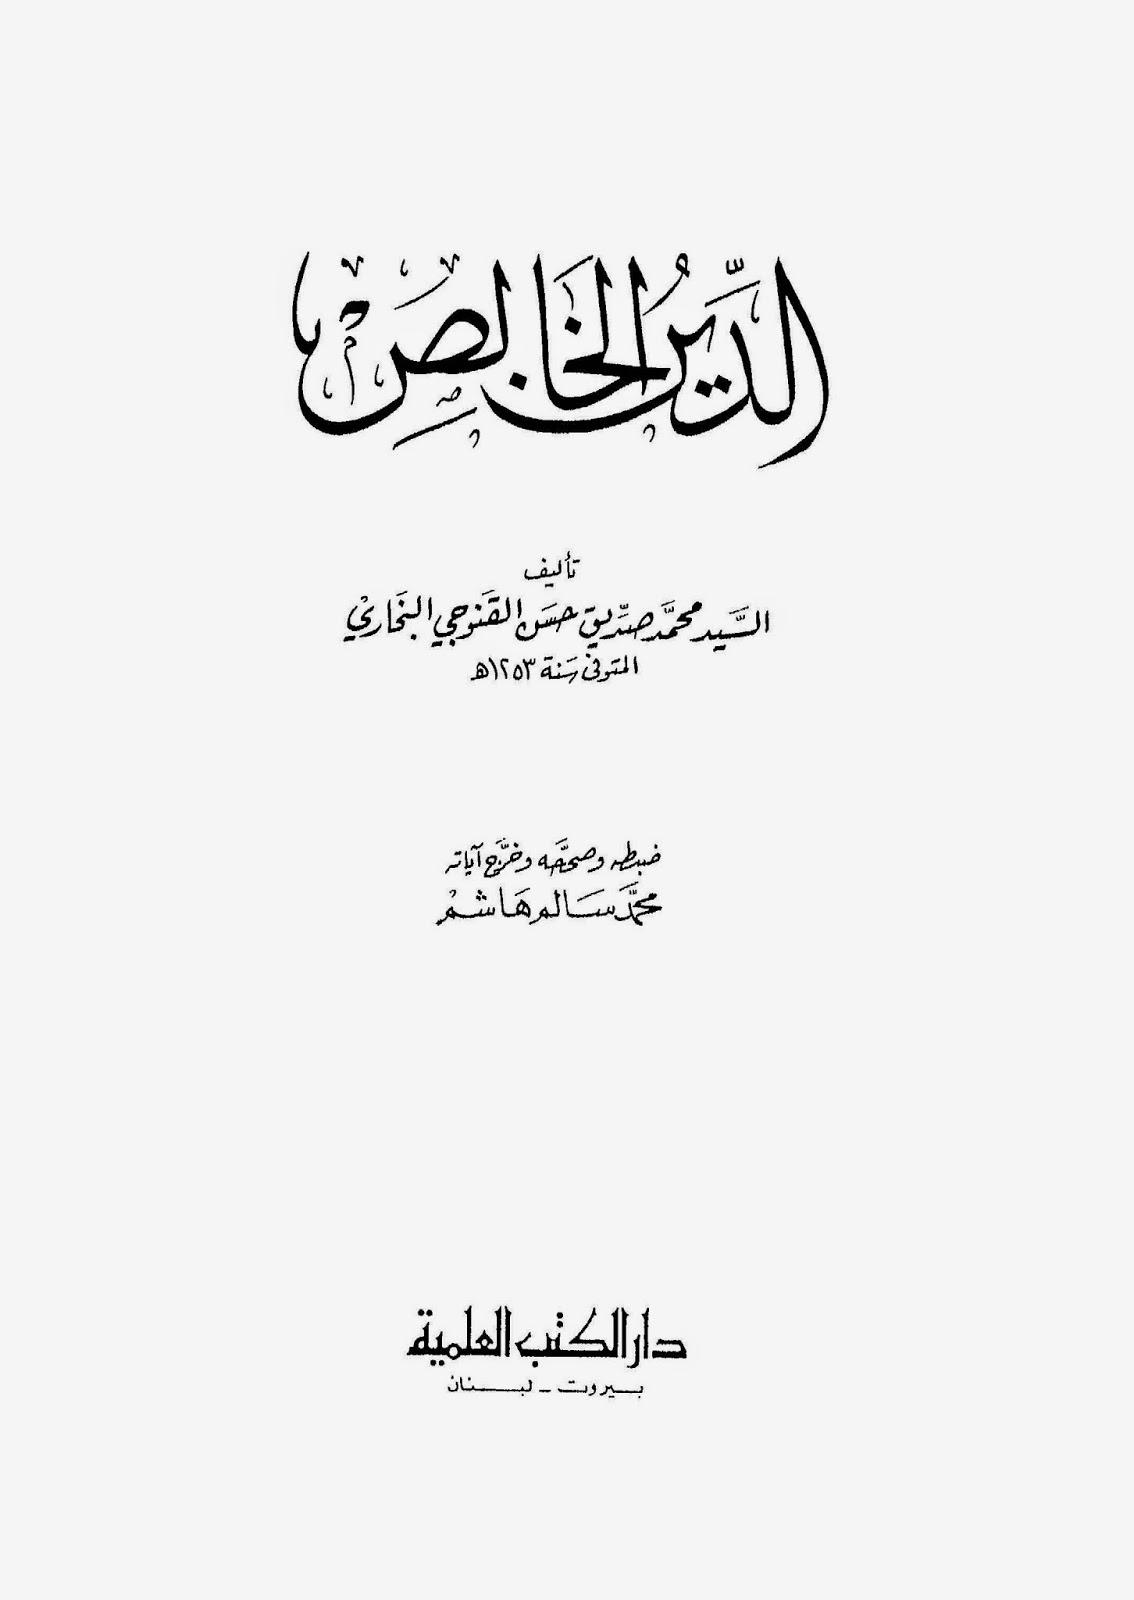 الدين الخالص - محمد صديق حسن القنوجي pdf